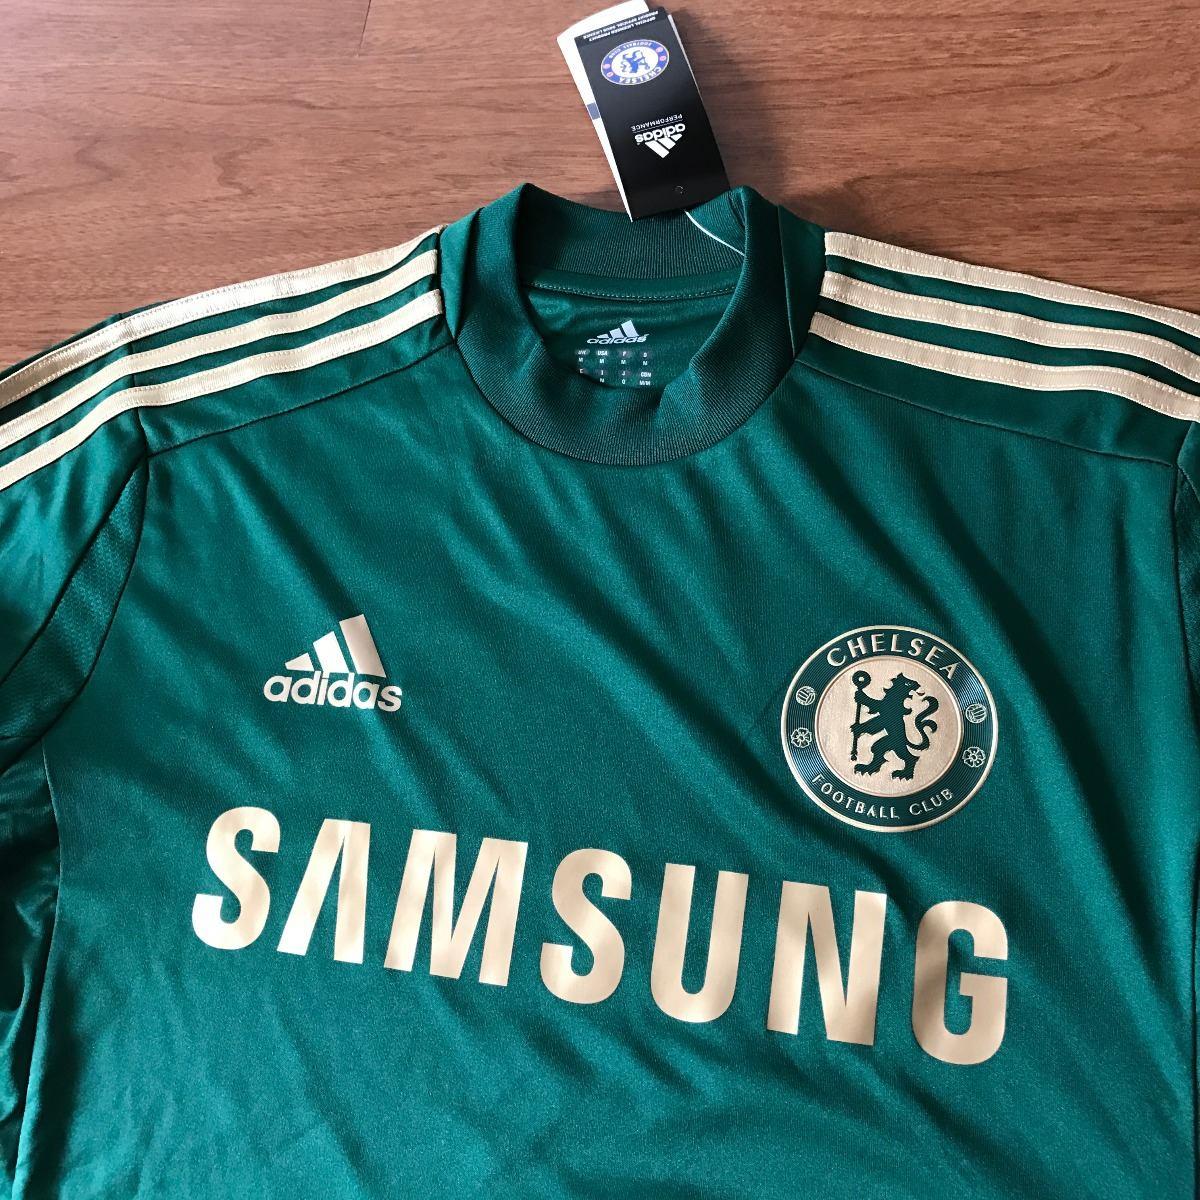 camisa do chelsea adidas goleiro verde antiga nova etiqueta. Carregando zoom . b20c6e64d9851